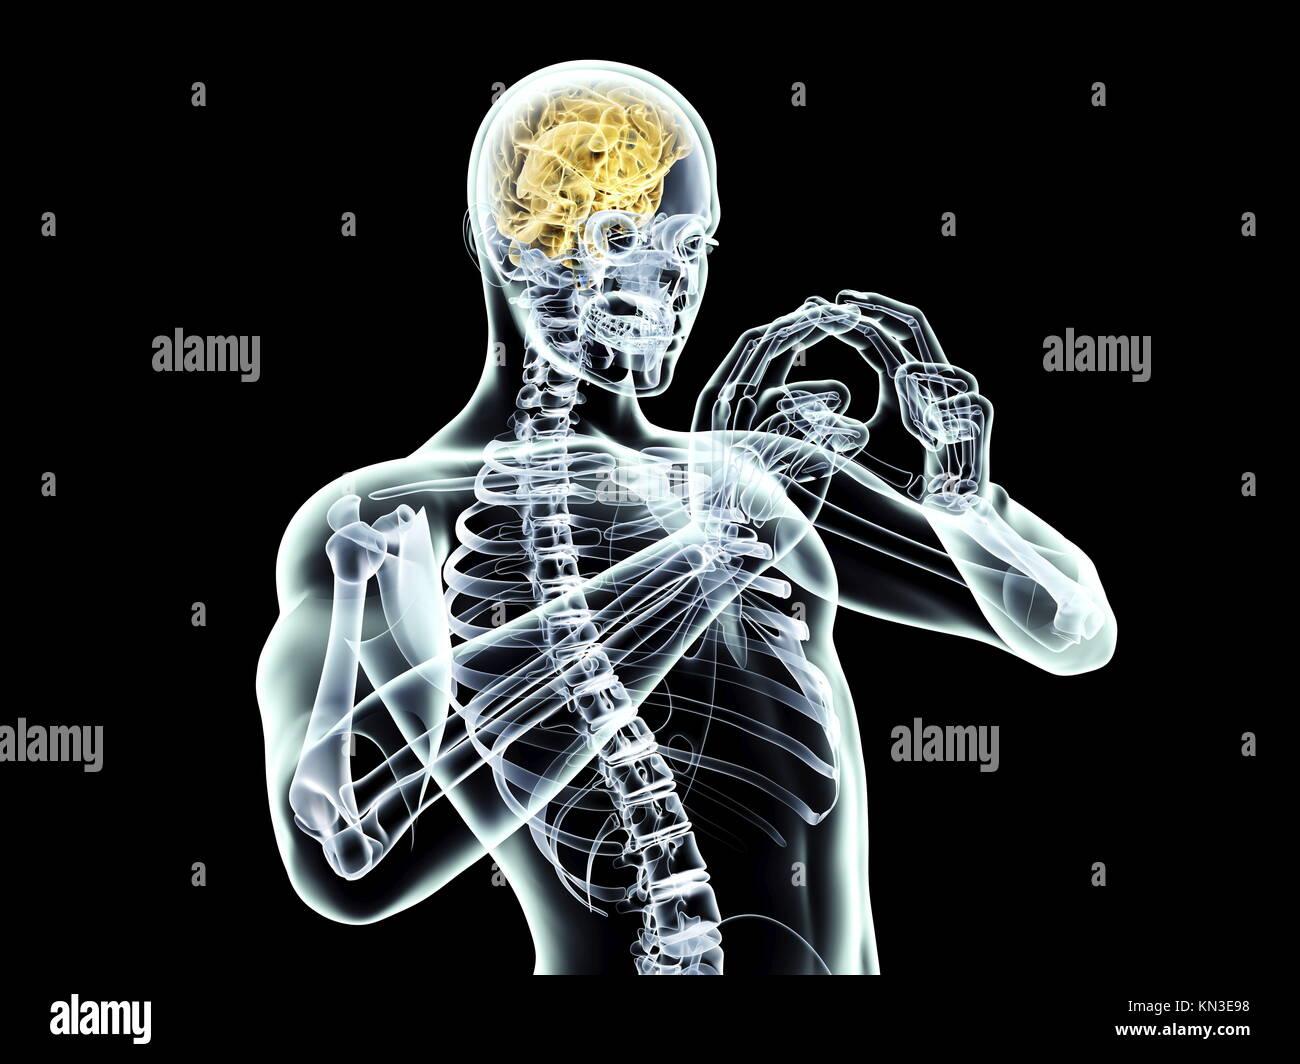 El poder de la mente. Ilustración 3D prestados. Aislados en negro. Imagen De Stock